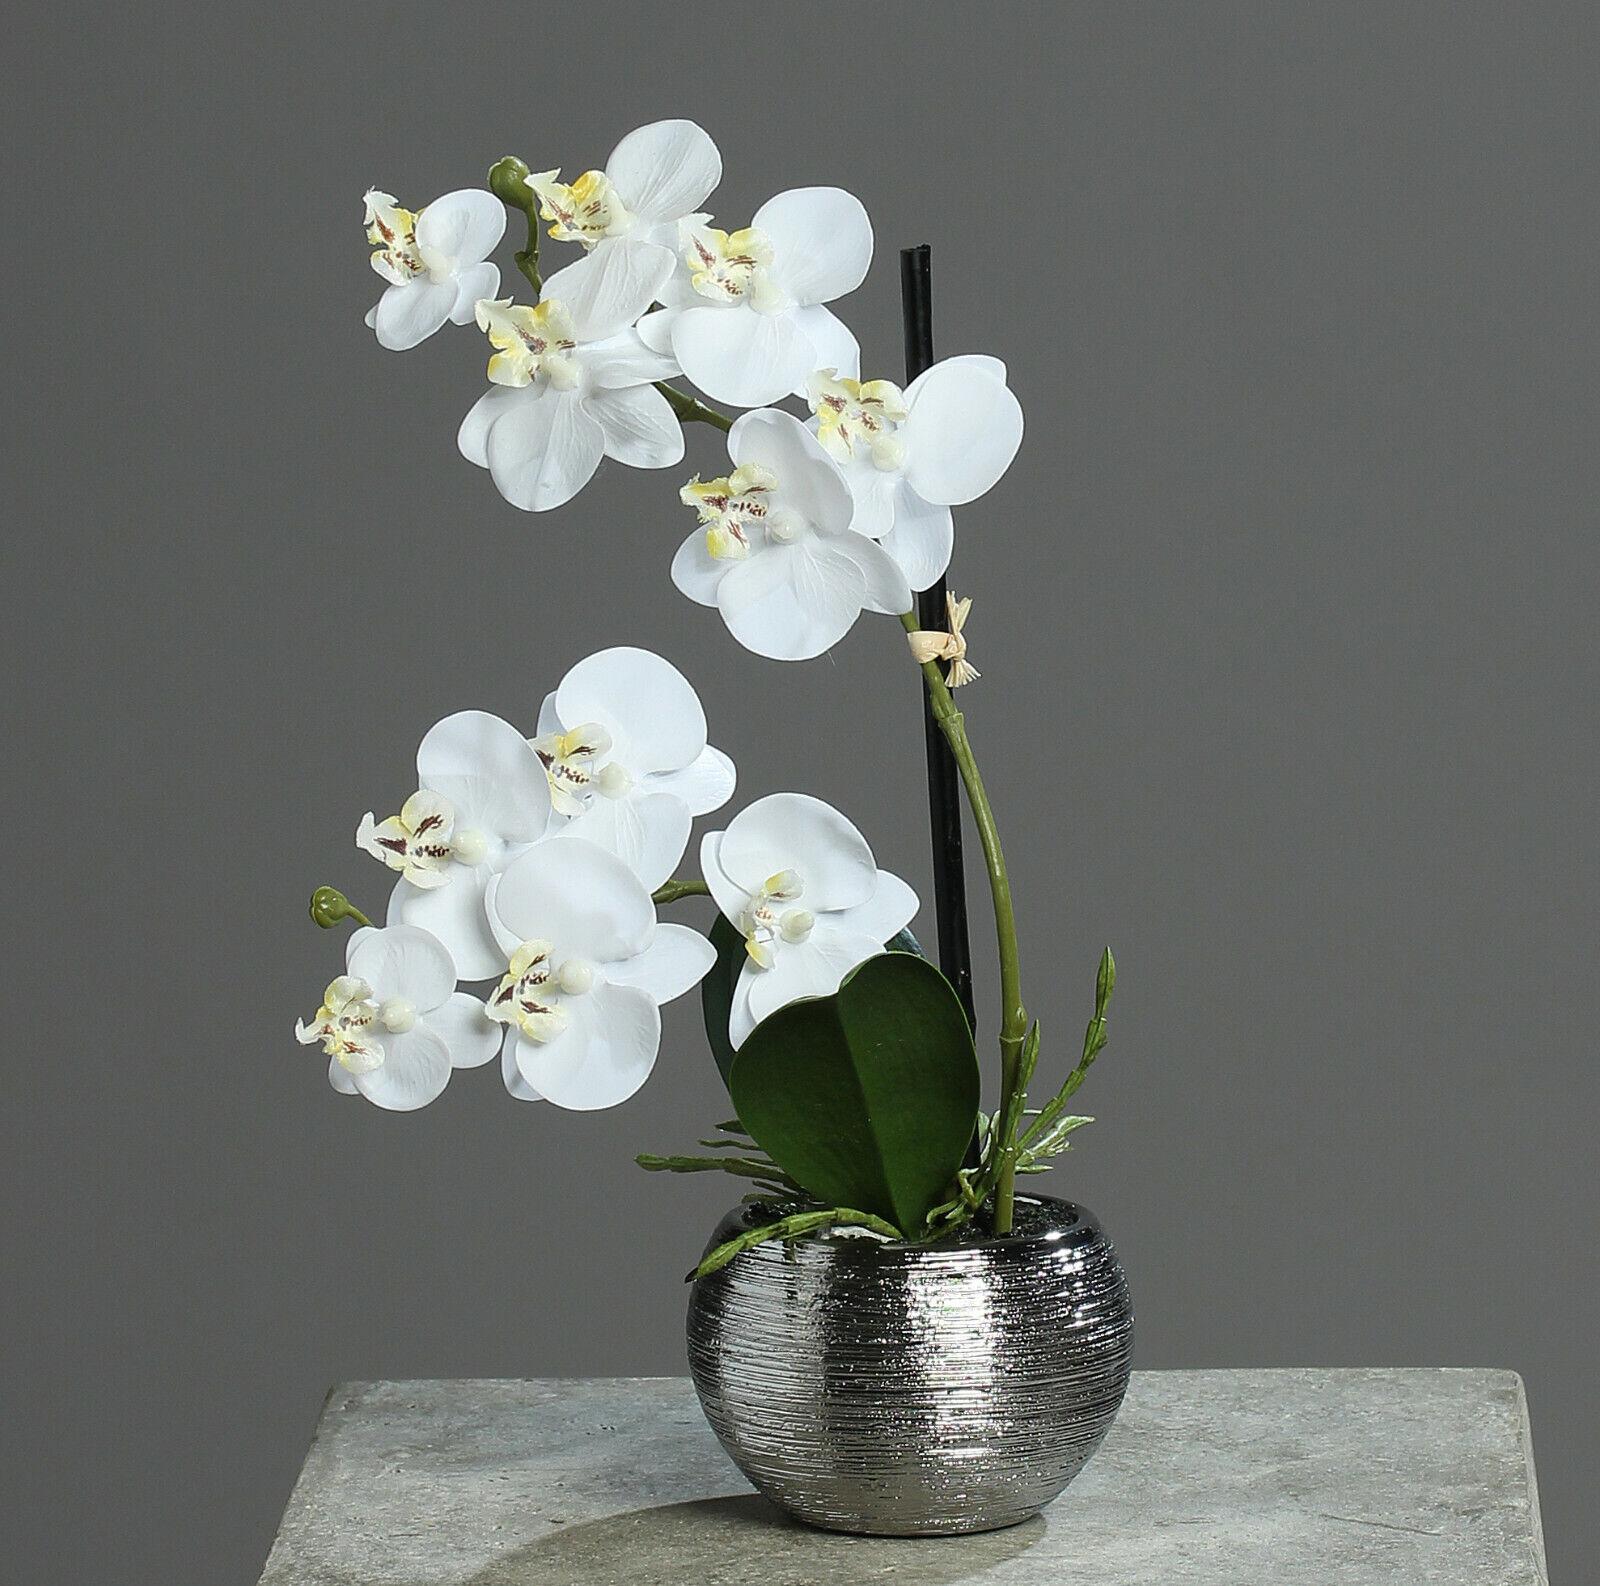 Künstliche Orchidee 30cm Creme Keramiktopf silber Kunstblumen künstliche Blumen